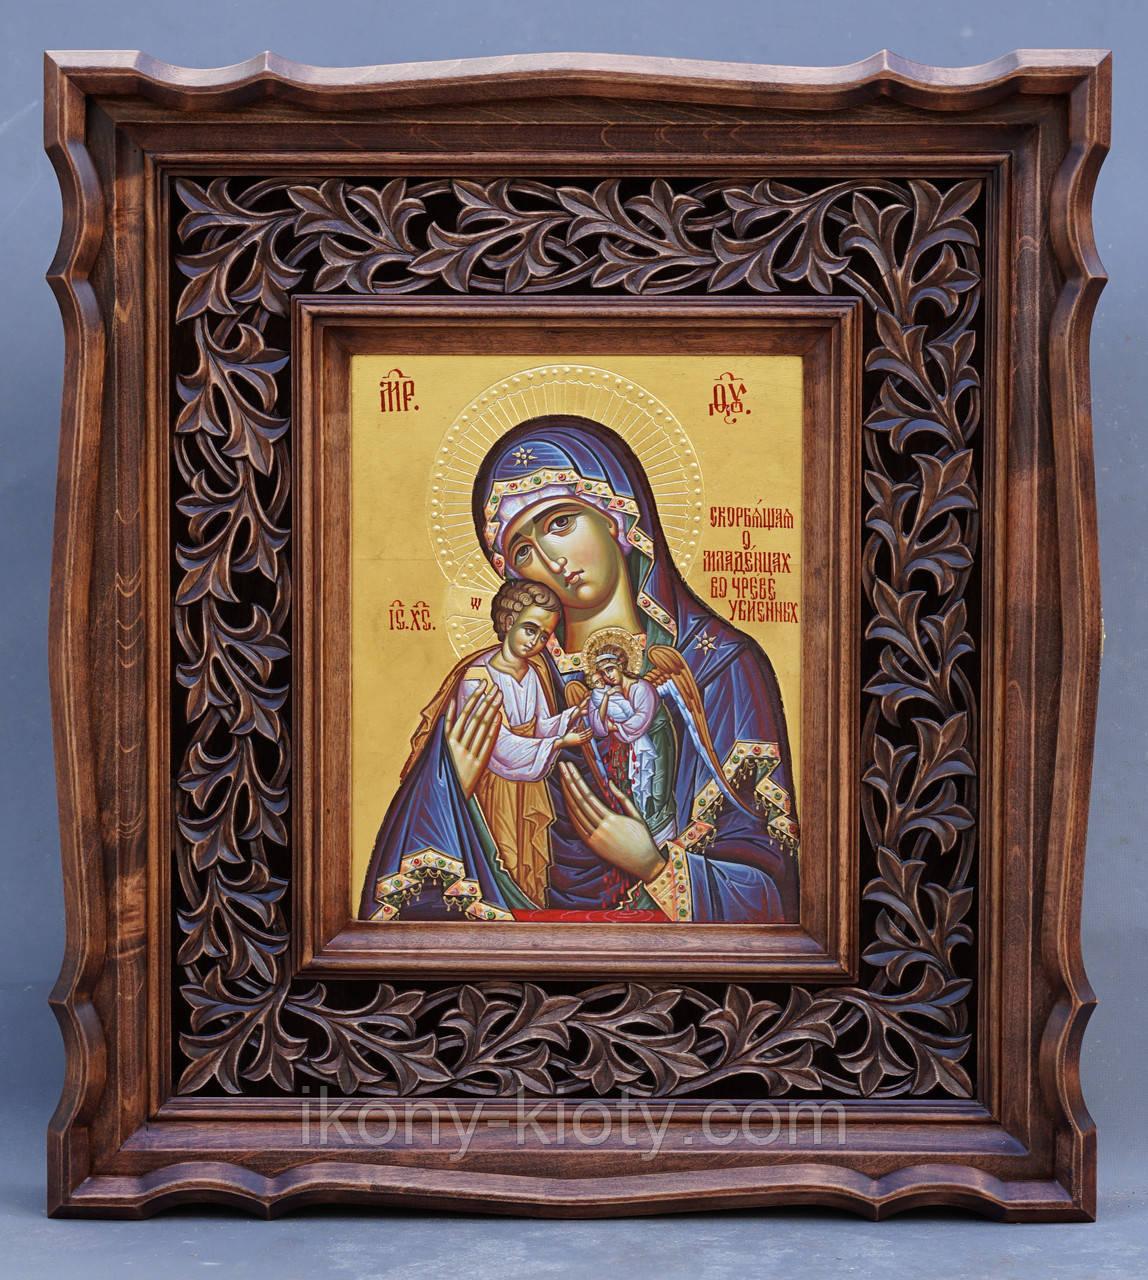 Киот для иконы византийский, с резной деревянной рамой.